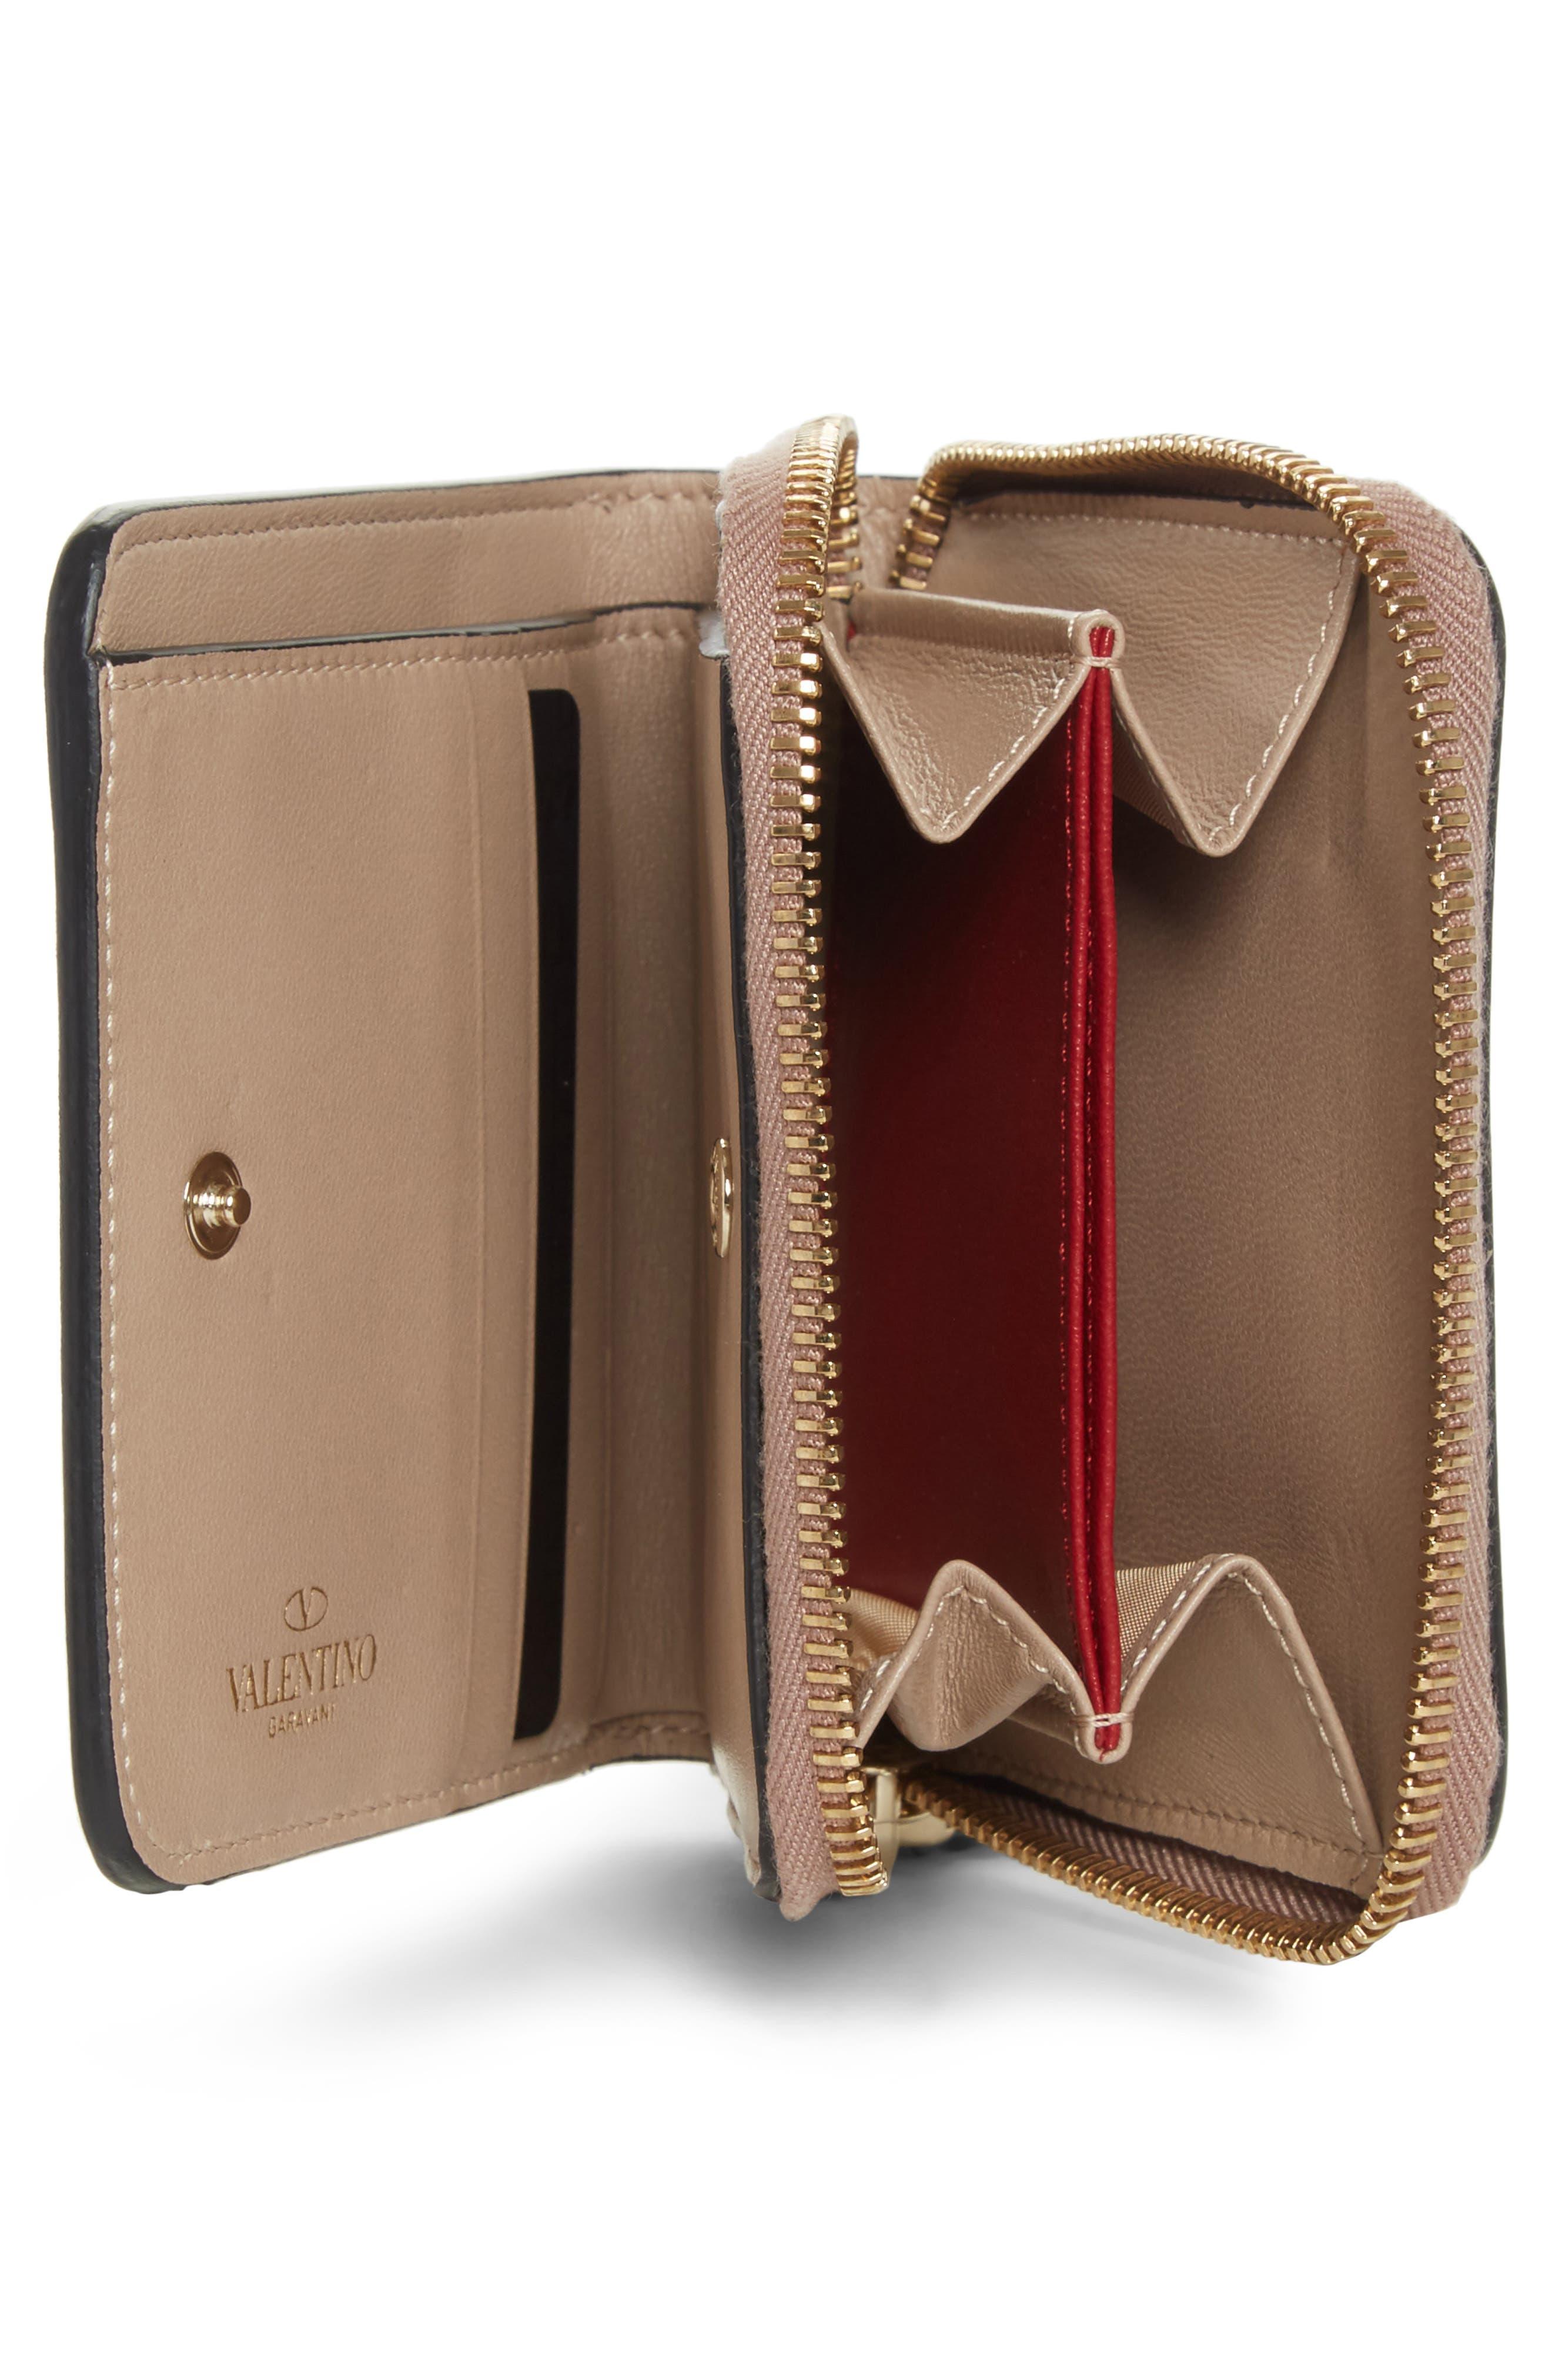 Rockstud Matelassé Leather French Wallet,                             Alternate thumbnail 2, color,                             POUDRE